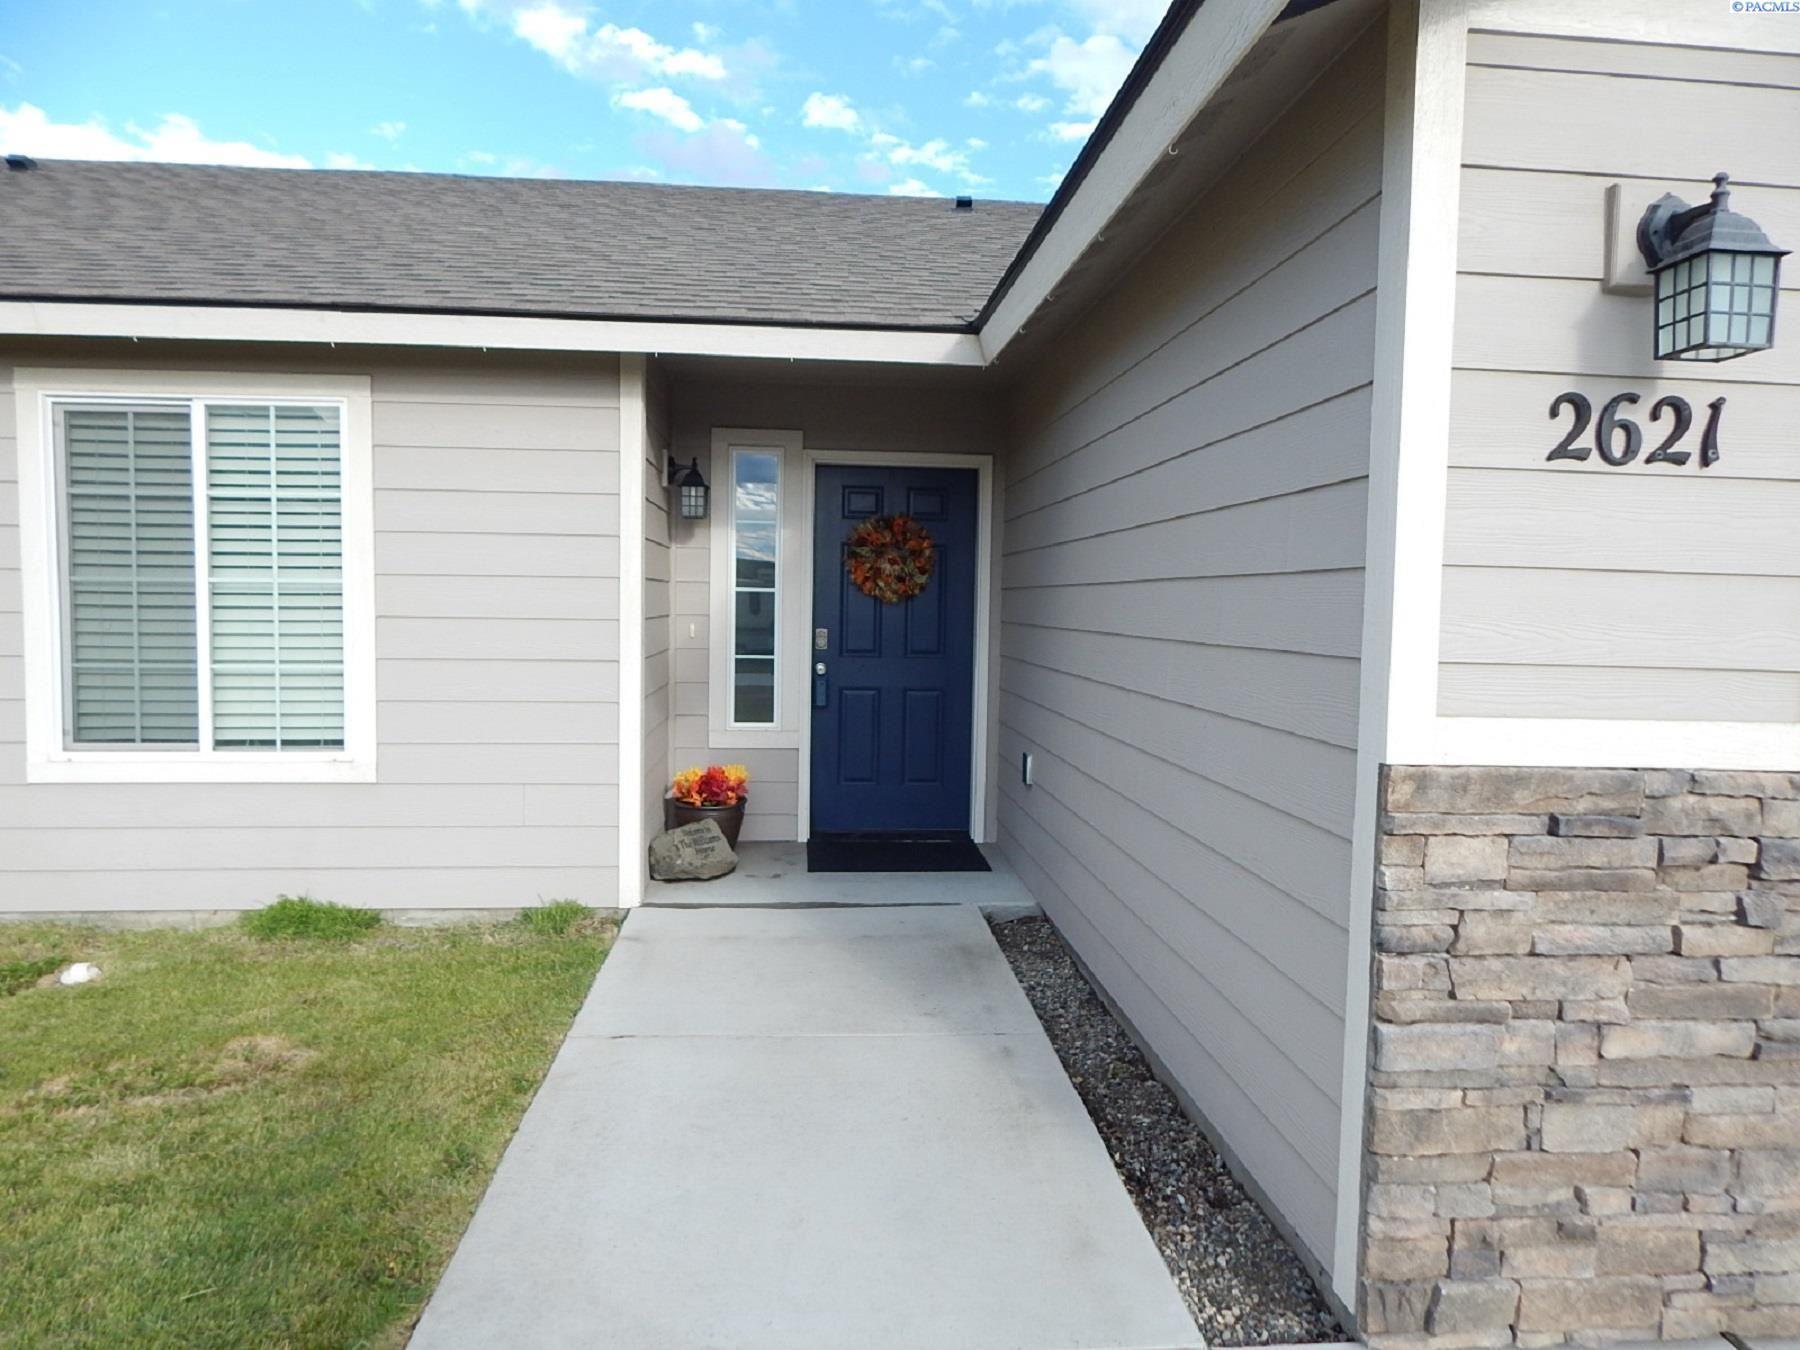 Photo of 2621 Ronan Ct., Pasco, WA 99301 (MLS # 256657)